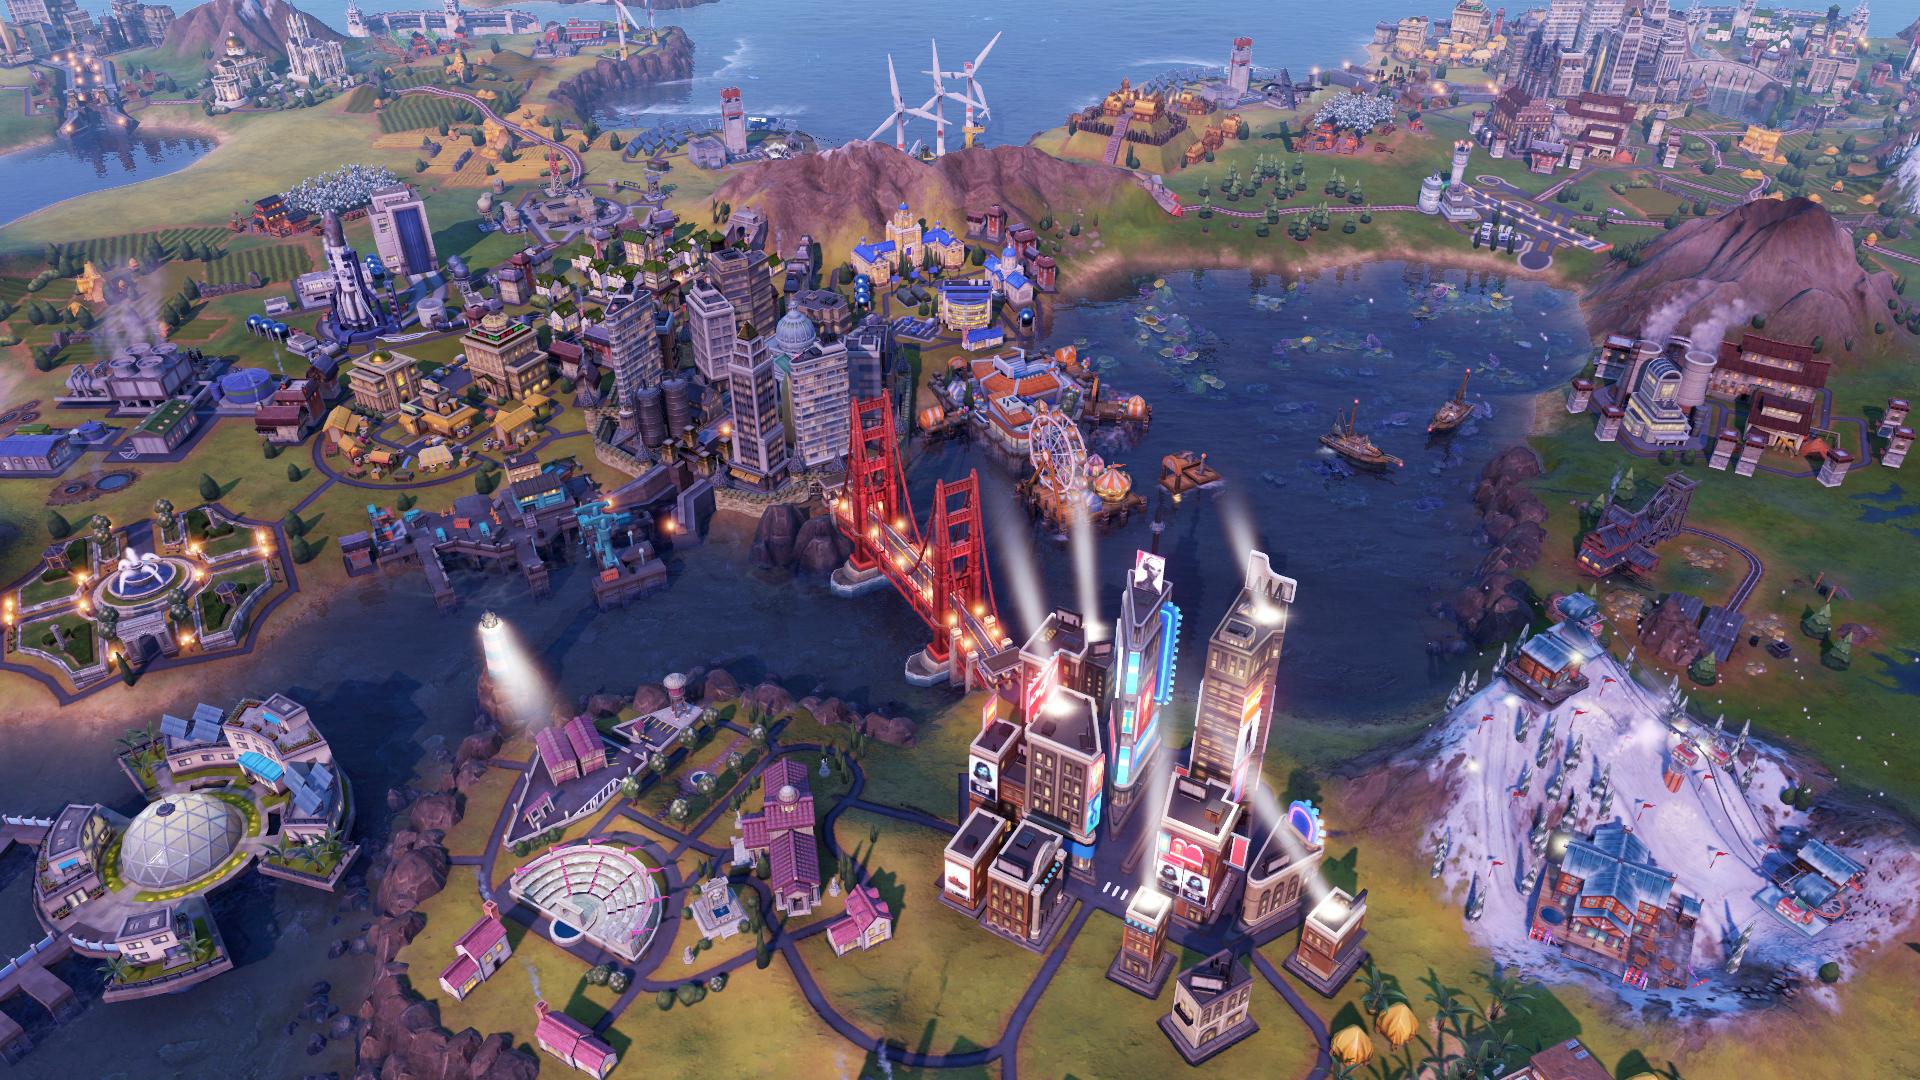 """Eine Szene aus dem Computerspiel """"Civilization VI"""". Bild: Civilization/2K Games"""